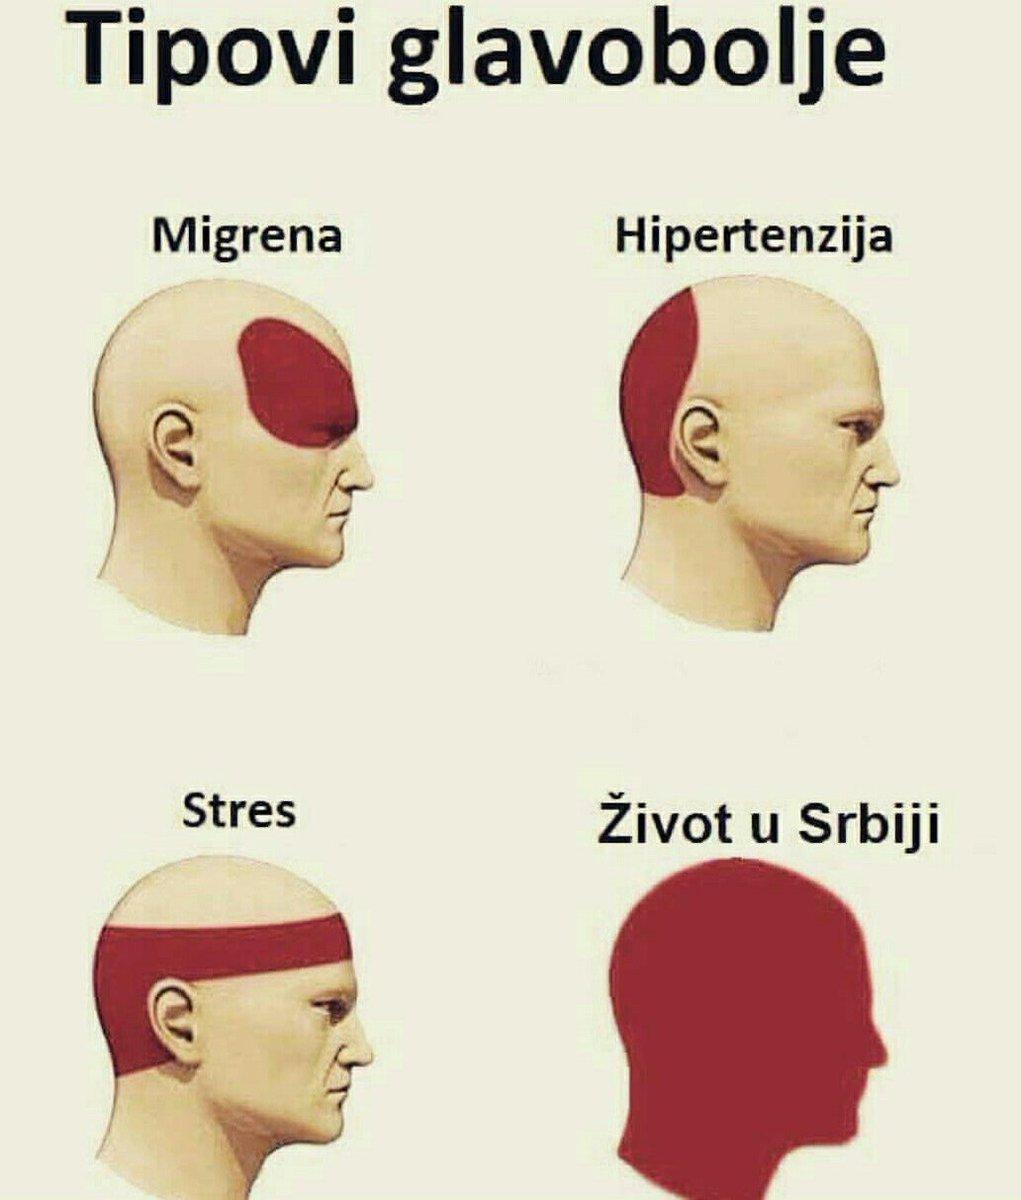 migrena su hipertenzija